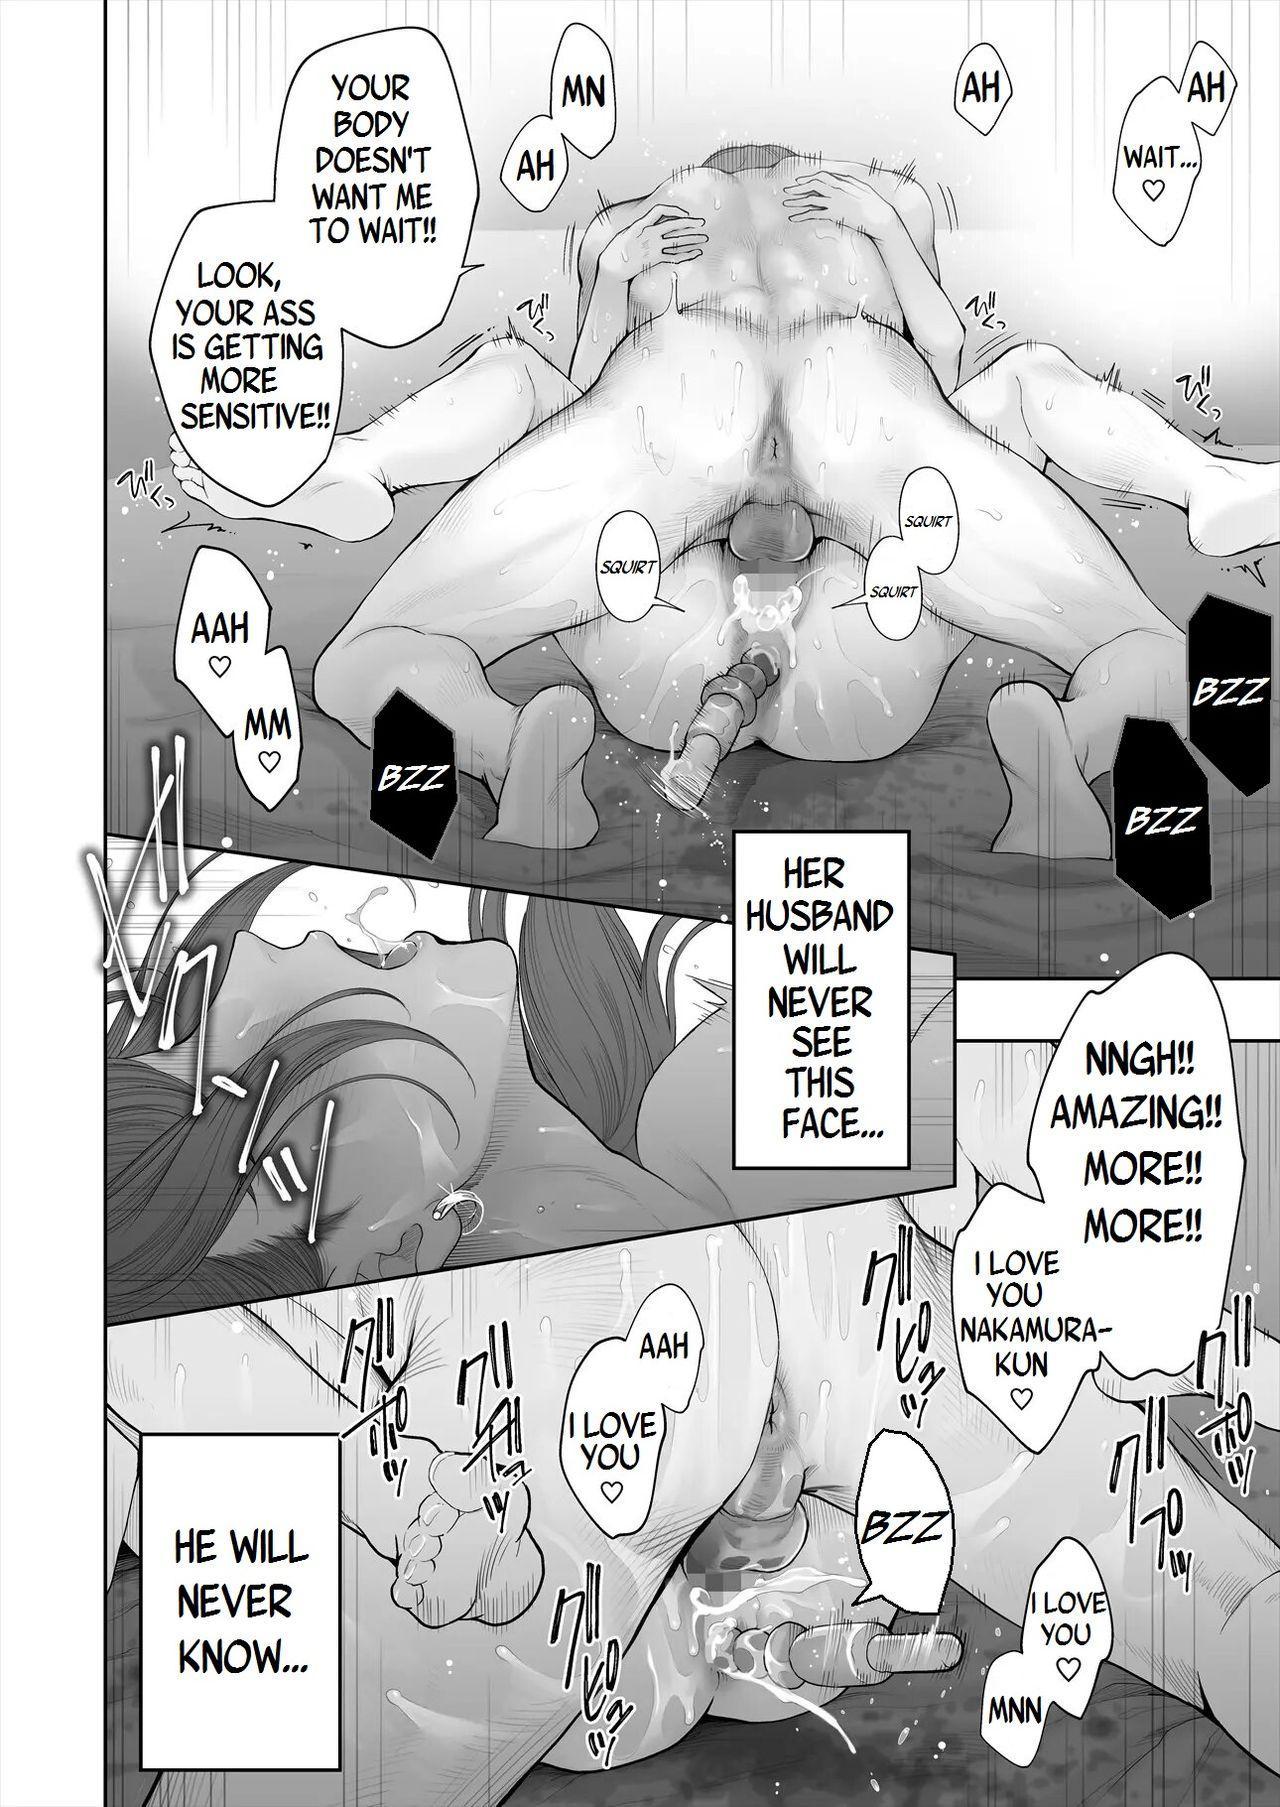 Hoka no Otoko to Kekkon Shitara Anata no Kodane Kureru? 59